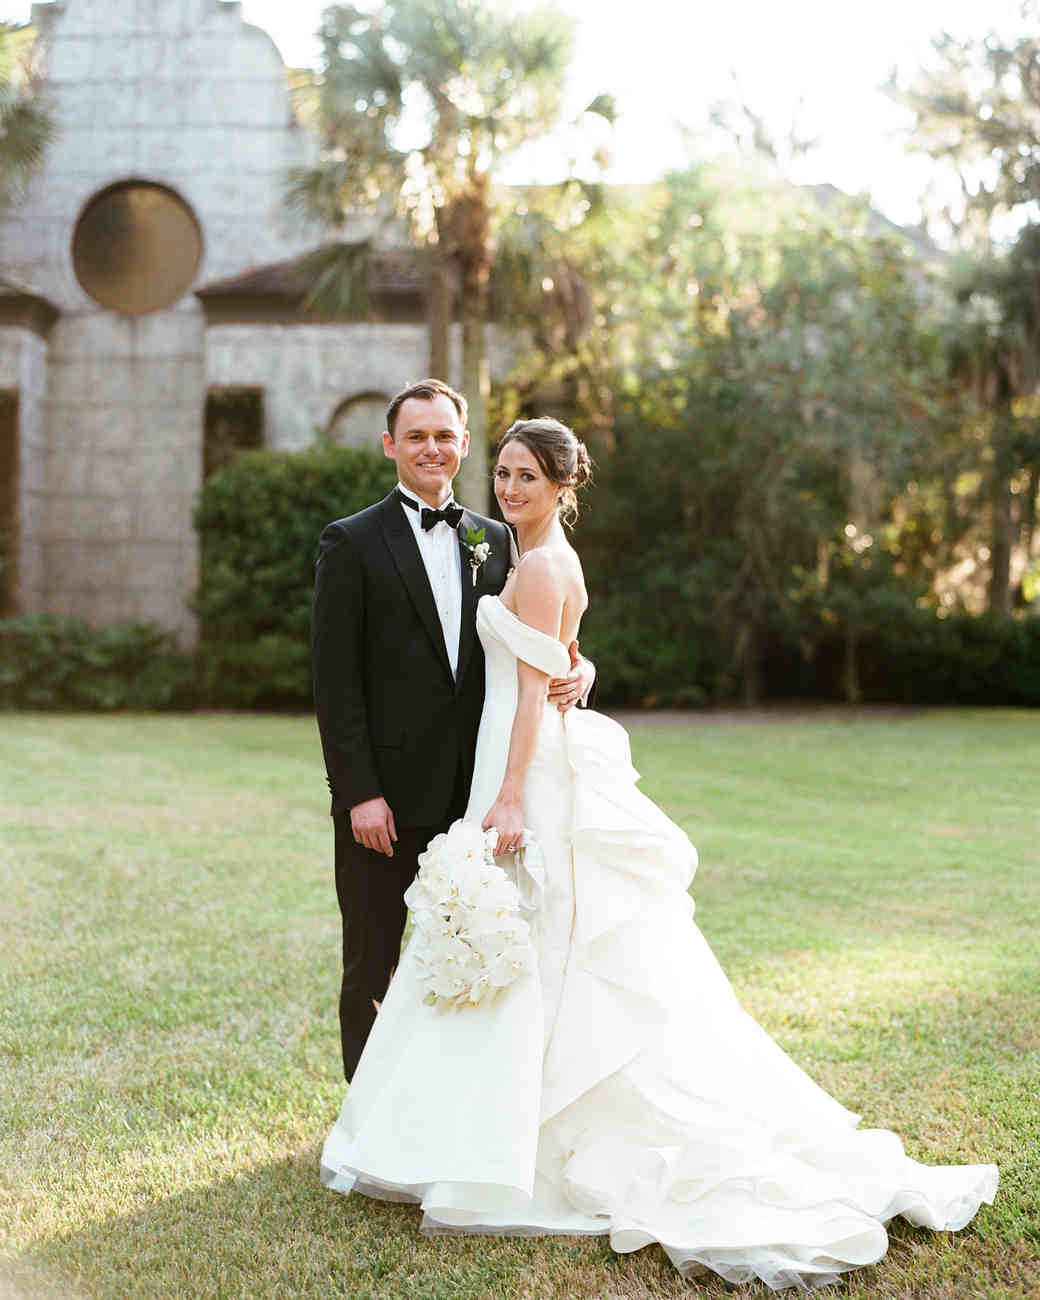 nancy-nathan-wedding-couple-0835-6141569-0816.jpg